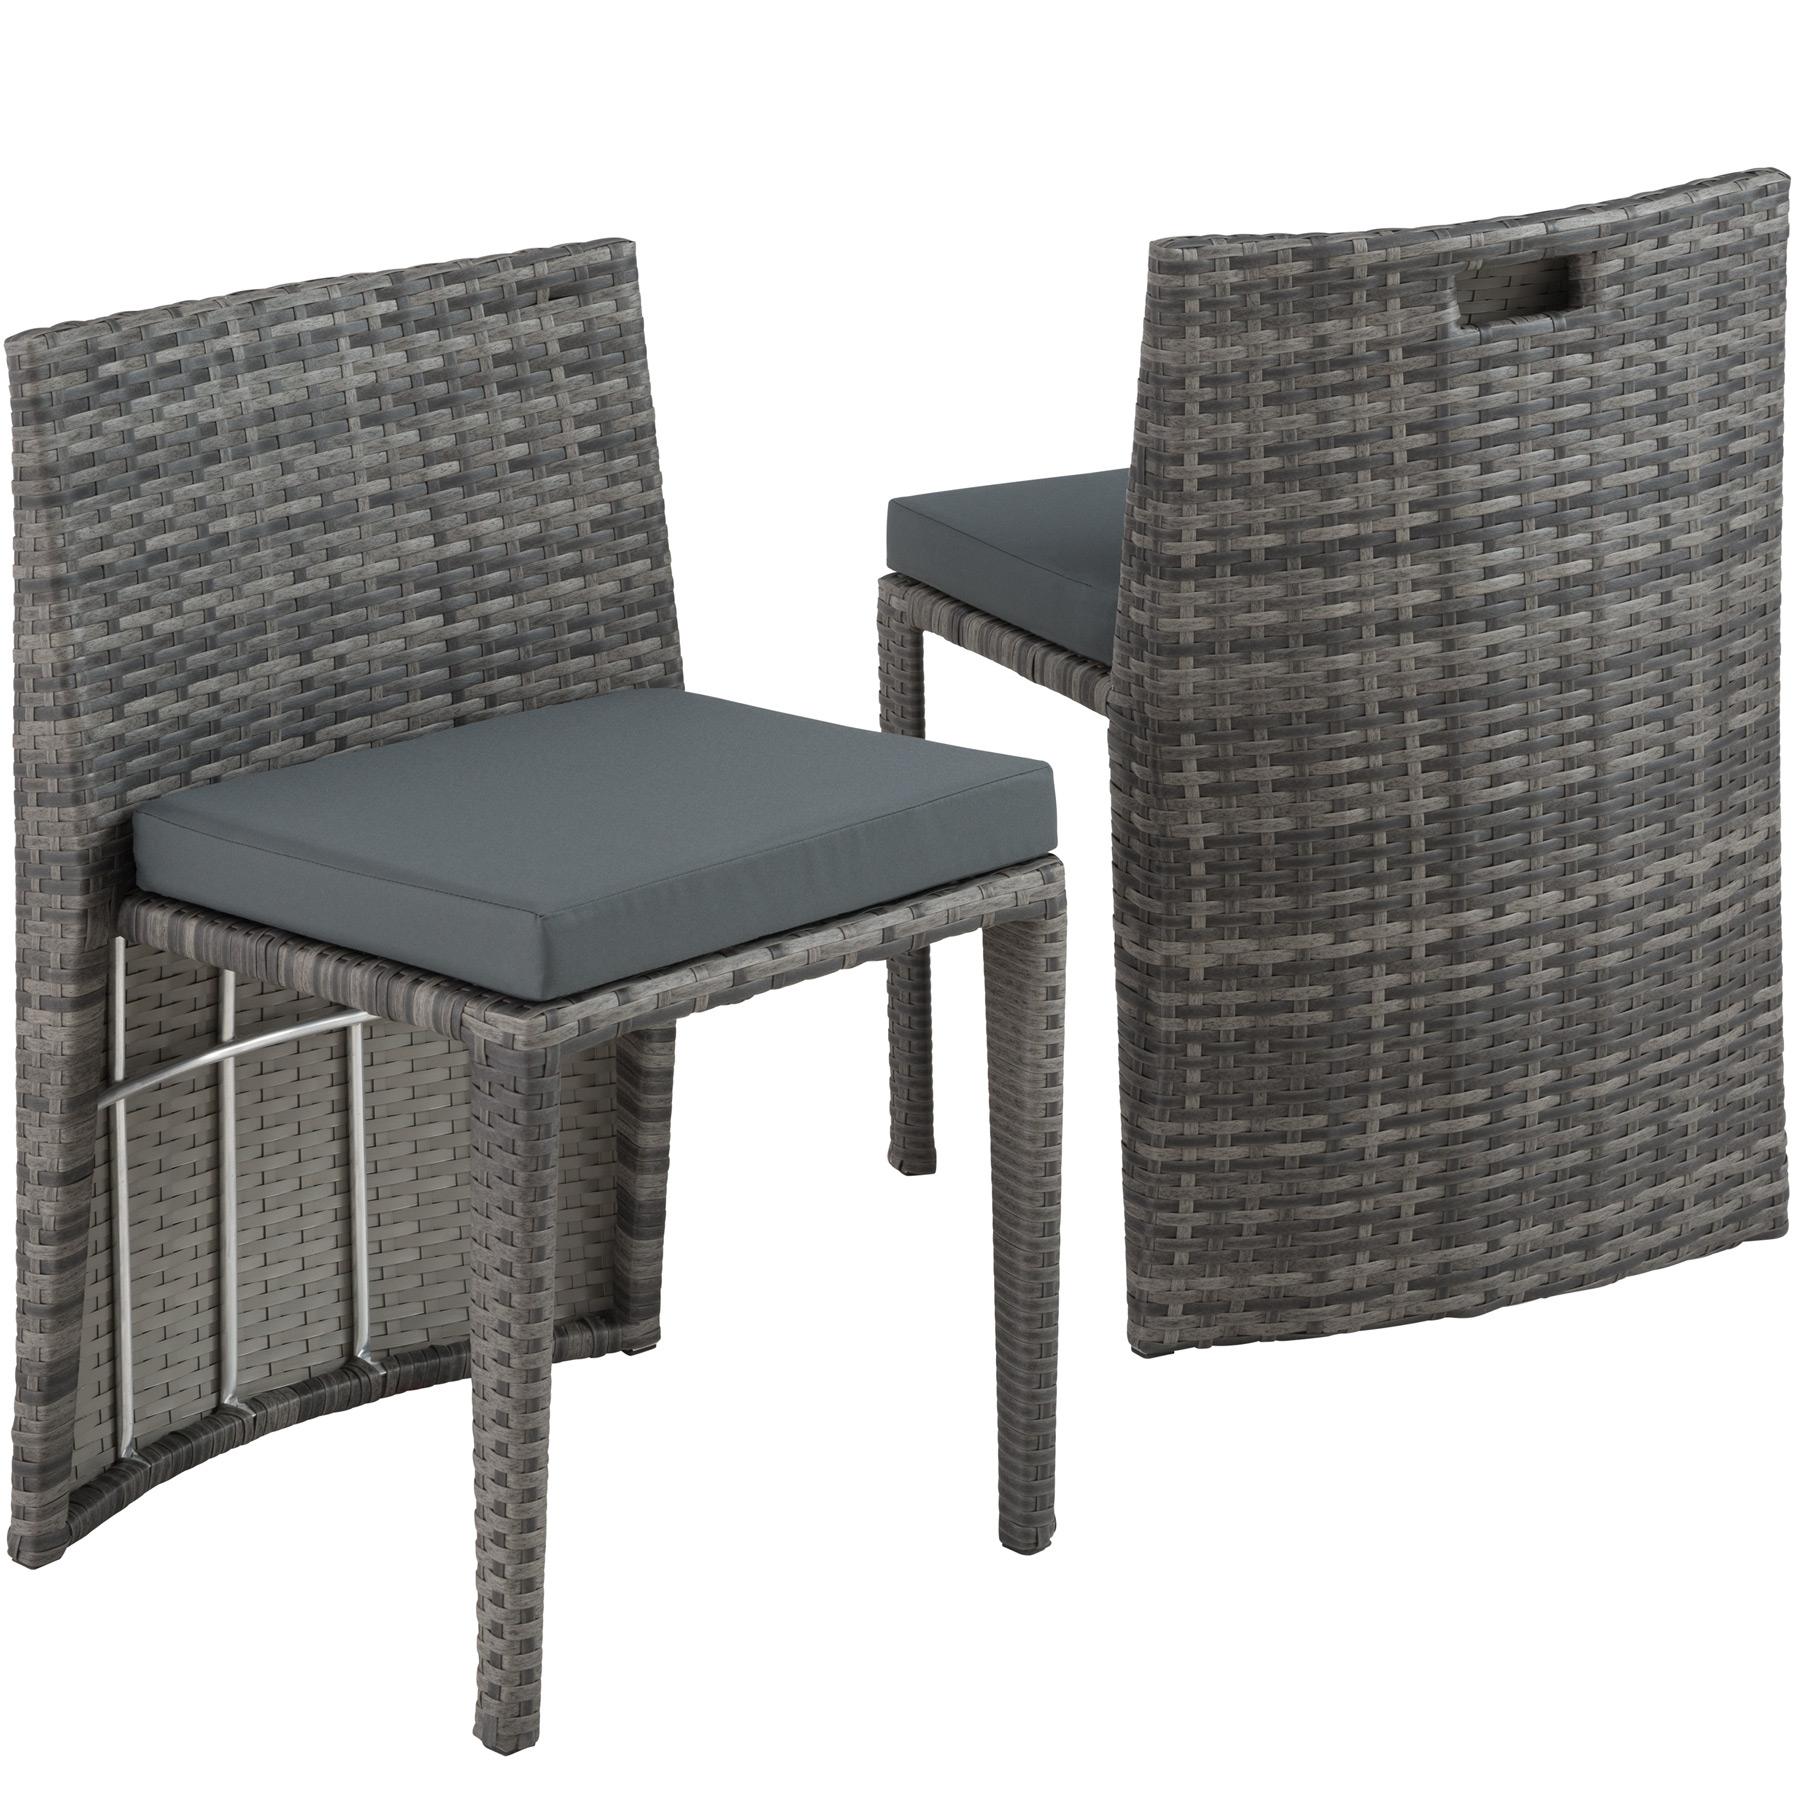 Détails Sur Salon De Jardin Résine Tressée 2 Personnes Mobilier Encastrable  Chaises Table pour Salon De Jardin Resine Encastrable